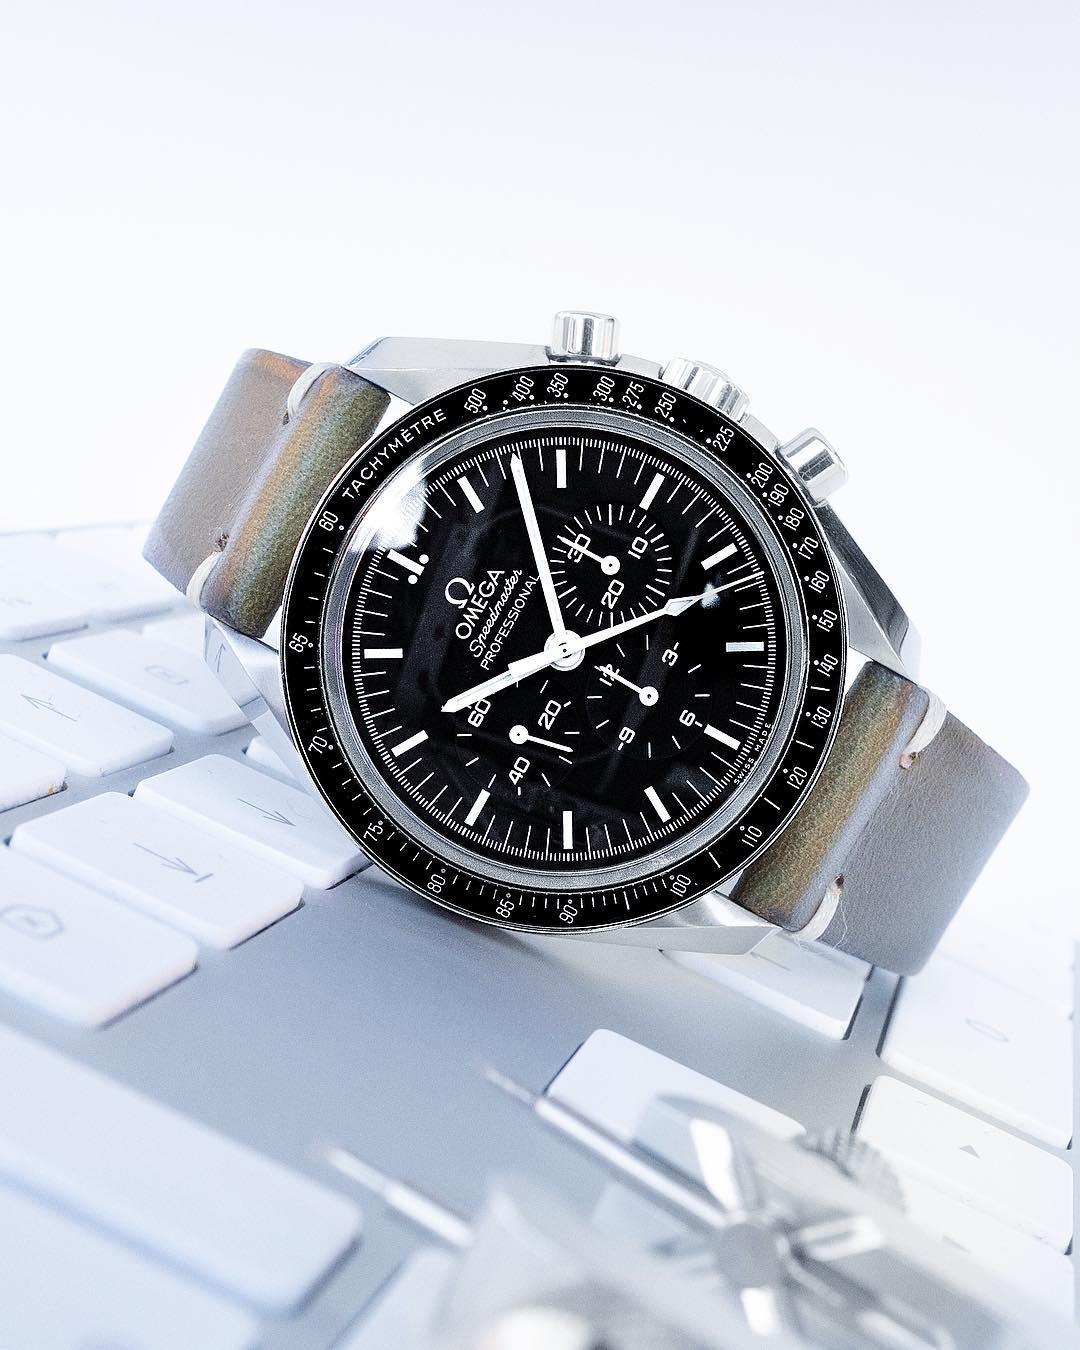 speedmaster vintage strap watchbandit by gulenissen